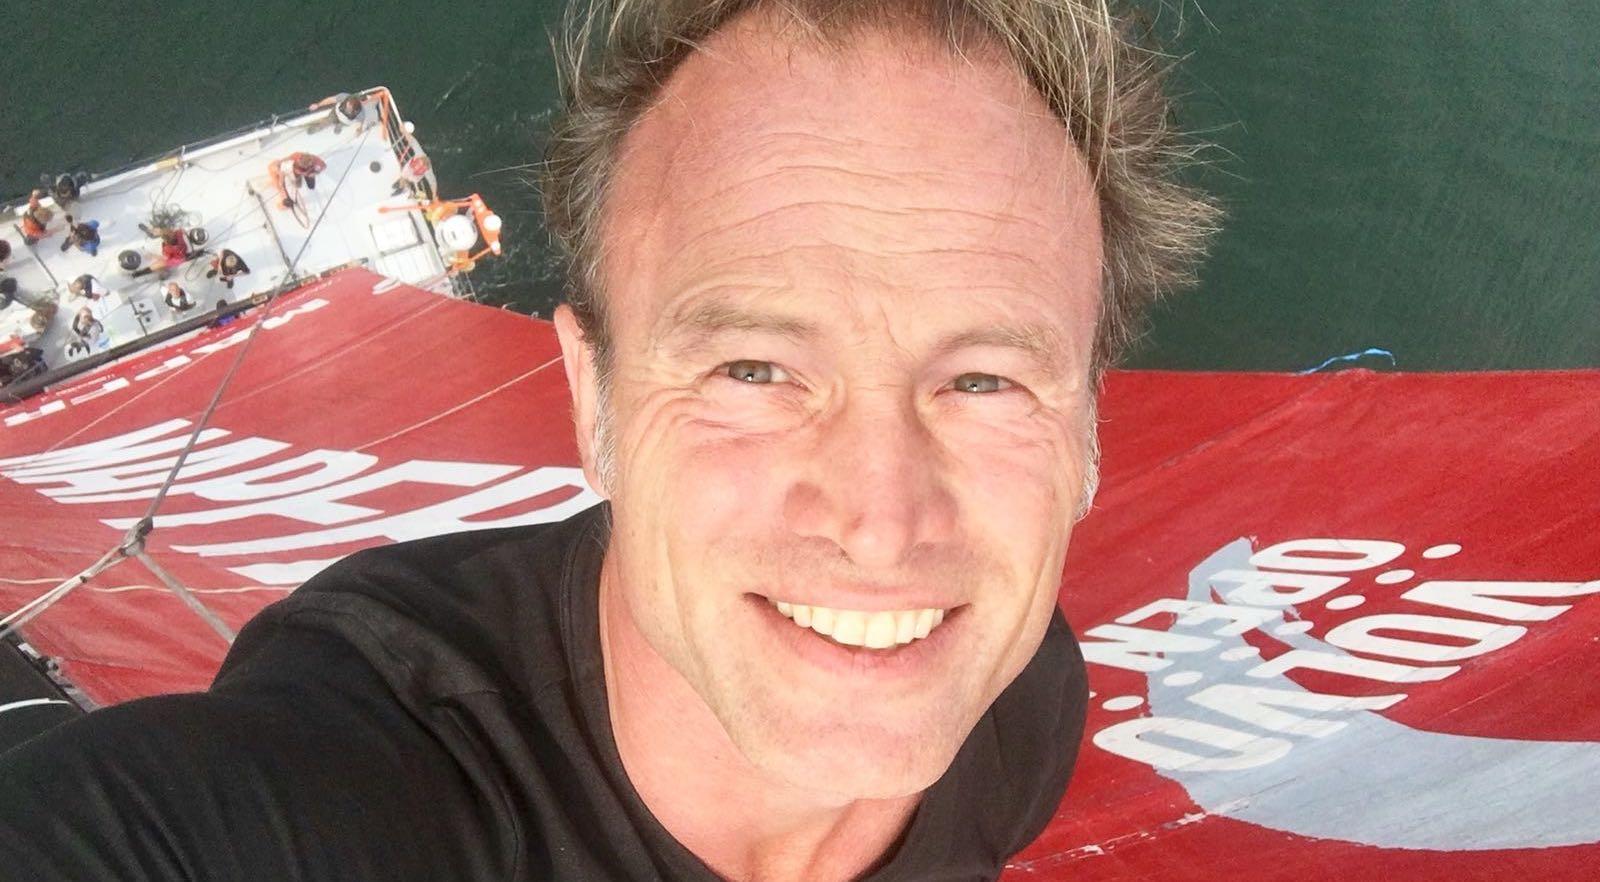 Rutger hangt 33 meter hoog in een mast gelukkig te zijn. Durf jij zo'n avontuur aan?